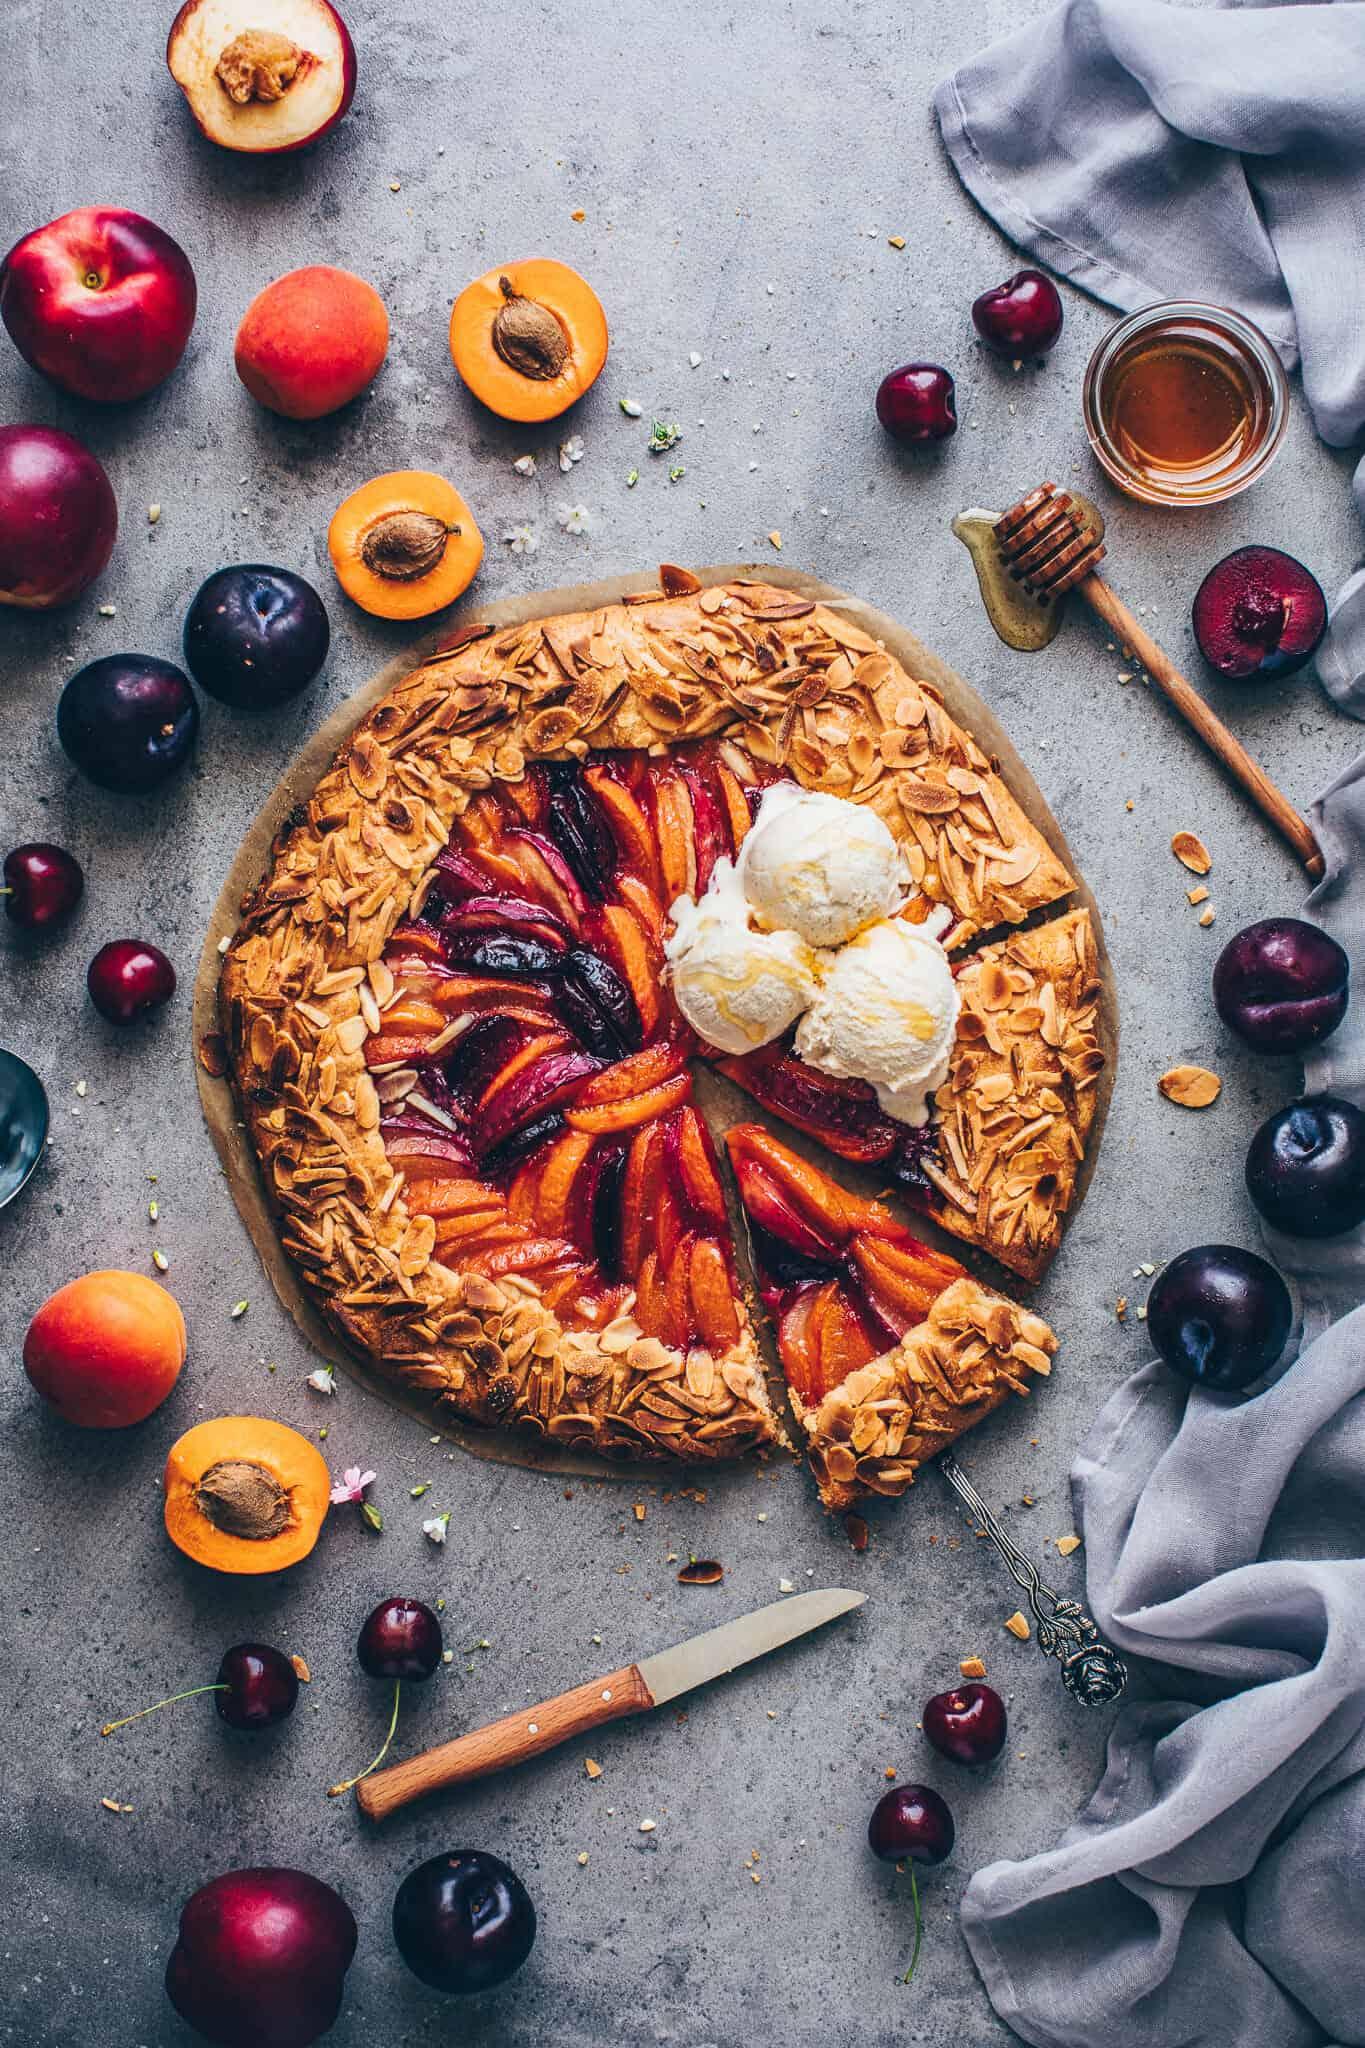 Obst Galette mit Mandeln, Pfirsichen, Aprikosen, Nektarinen, Pflaumen. Fruechte Tarte mit Mürbeteig.